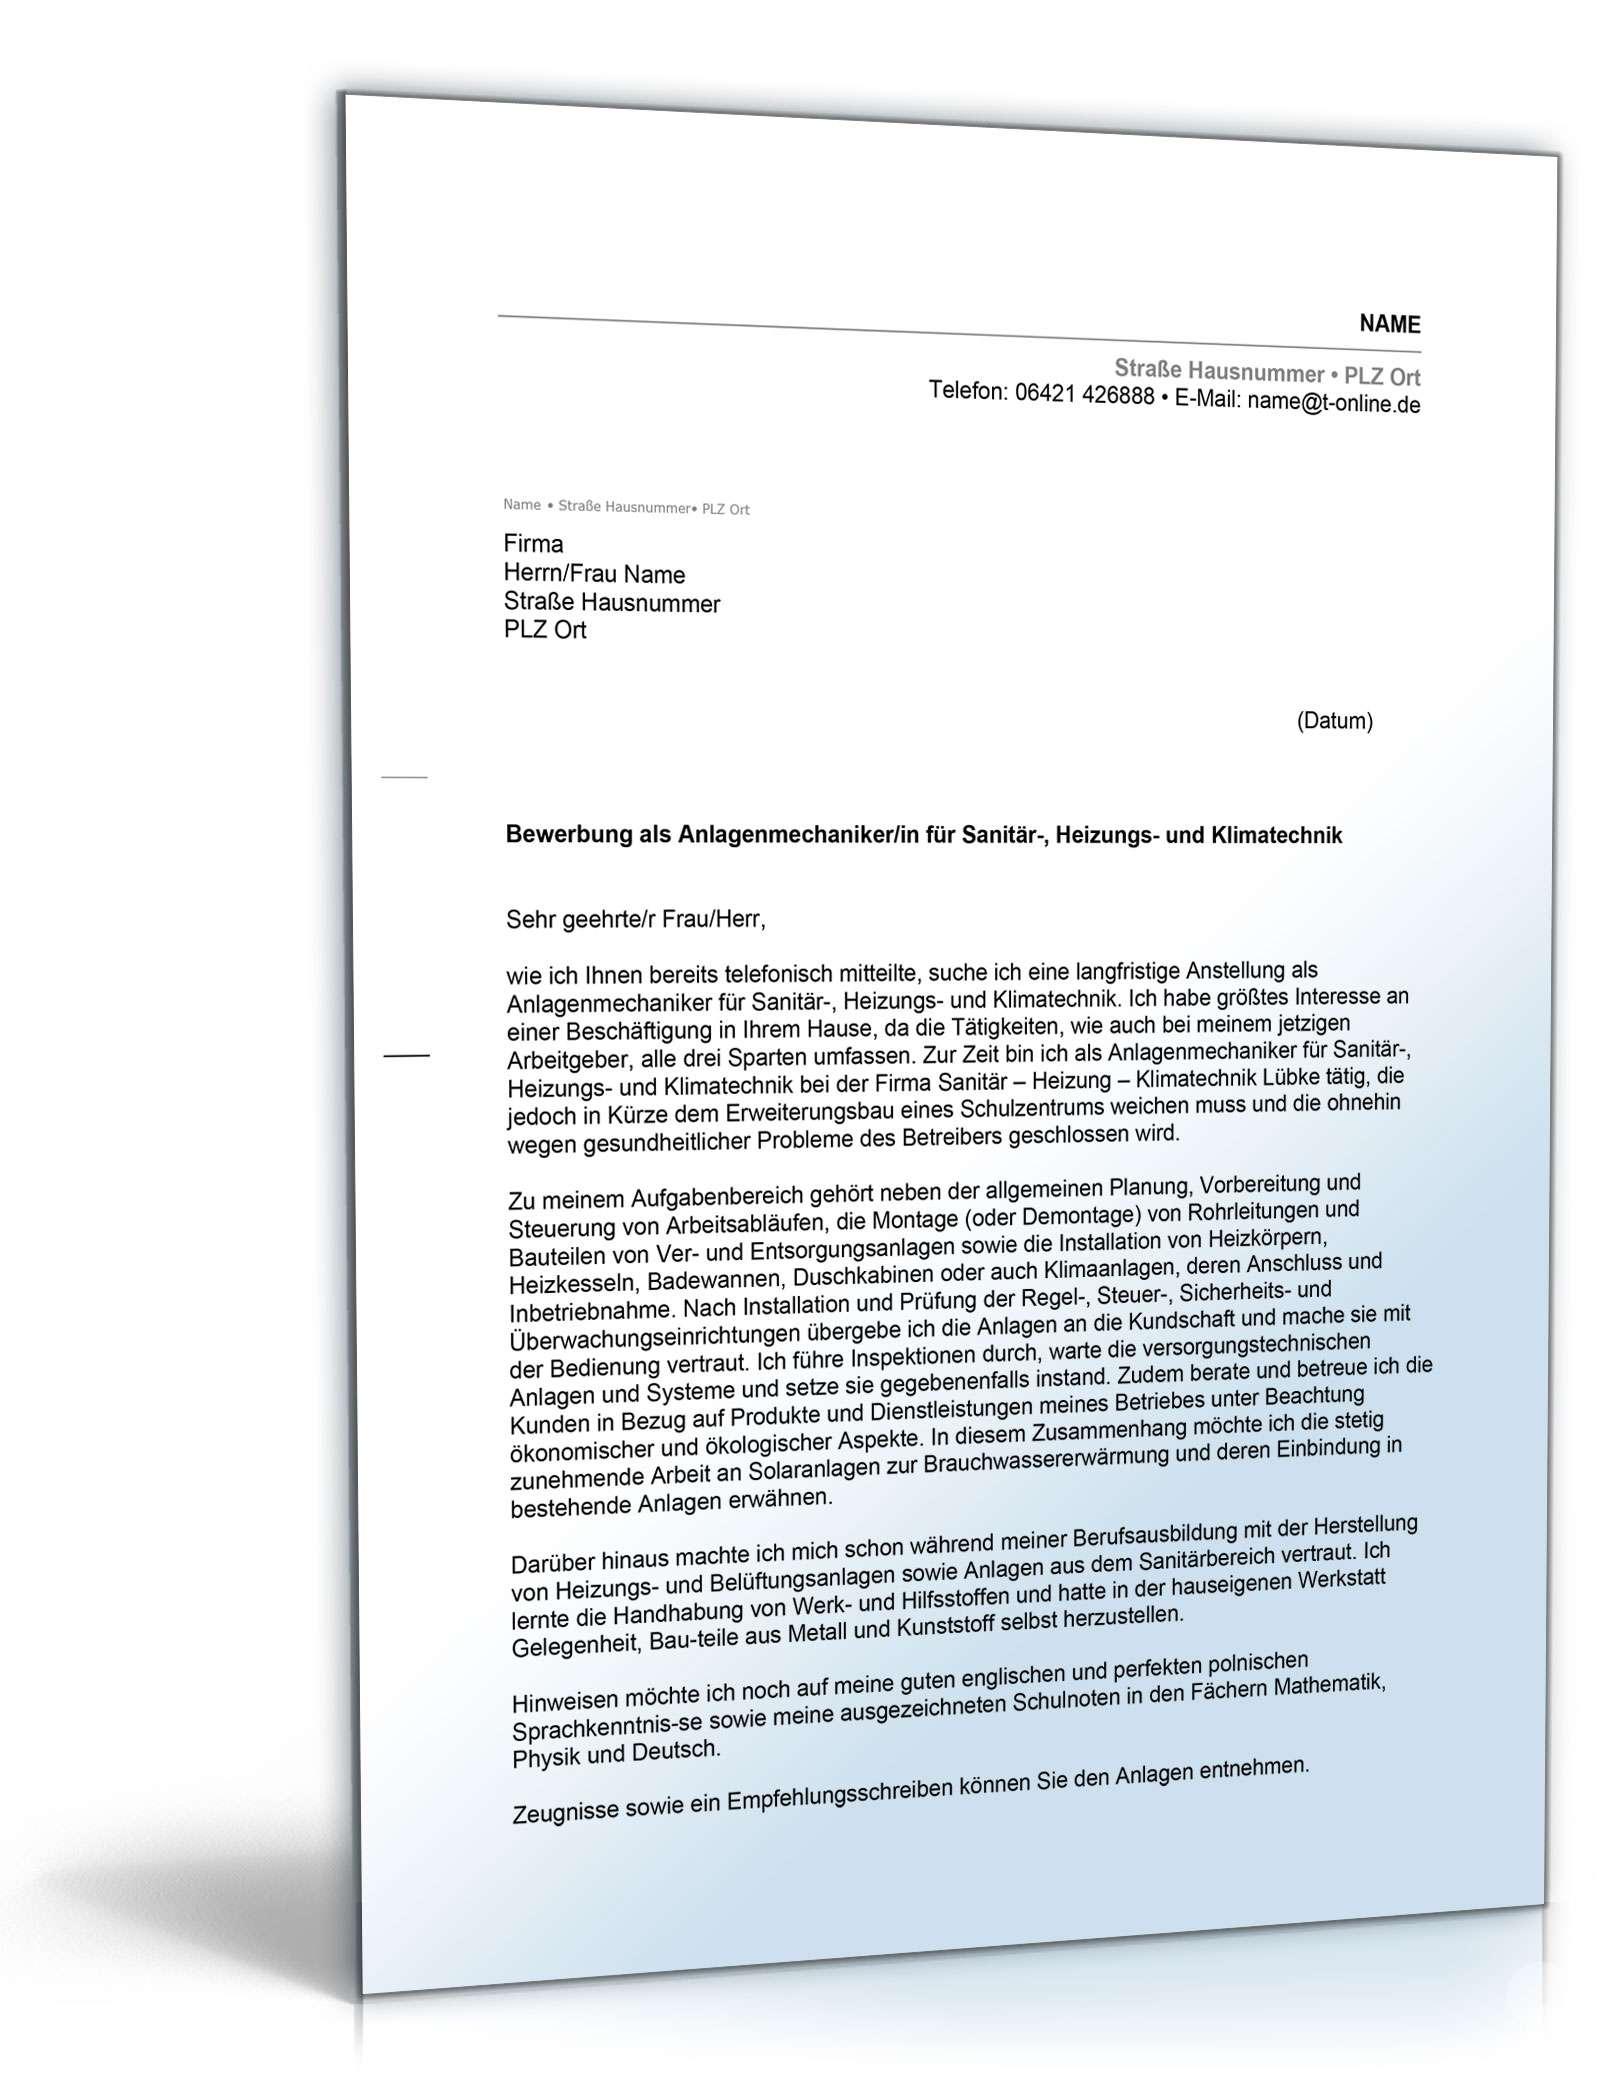 Anschreiben Bewerbung Anlagenmechaniker | Muster zum Download